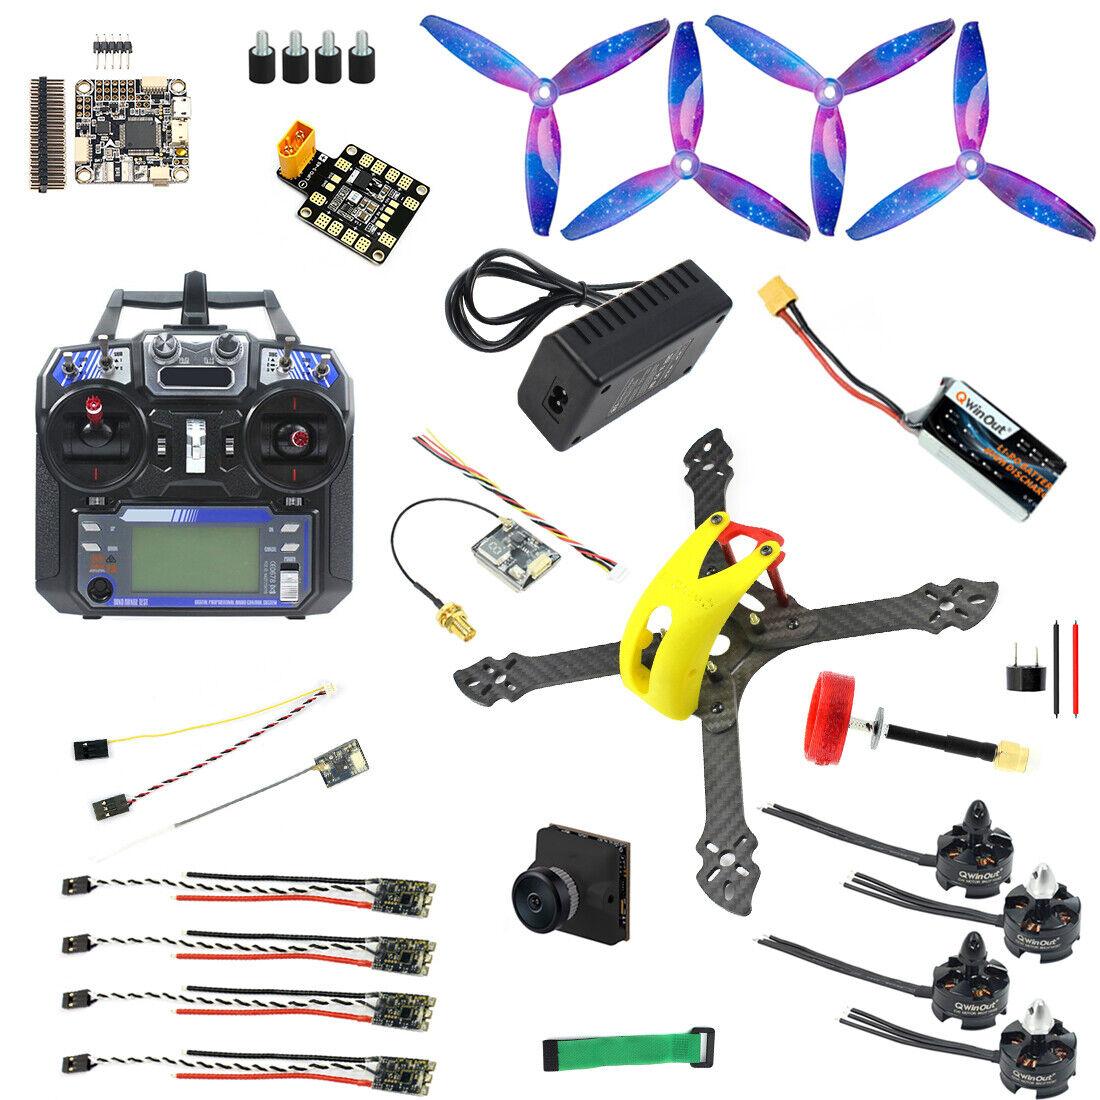 Owl215 215mm FPV Racing Drone Kit  with F4 volo Controller 25 100 200 400mW VTX  sconto prezzo basso